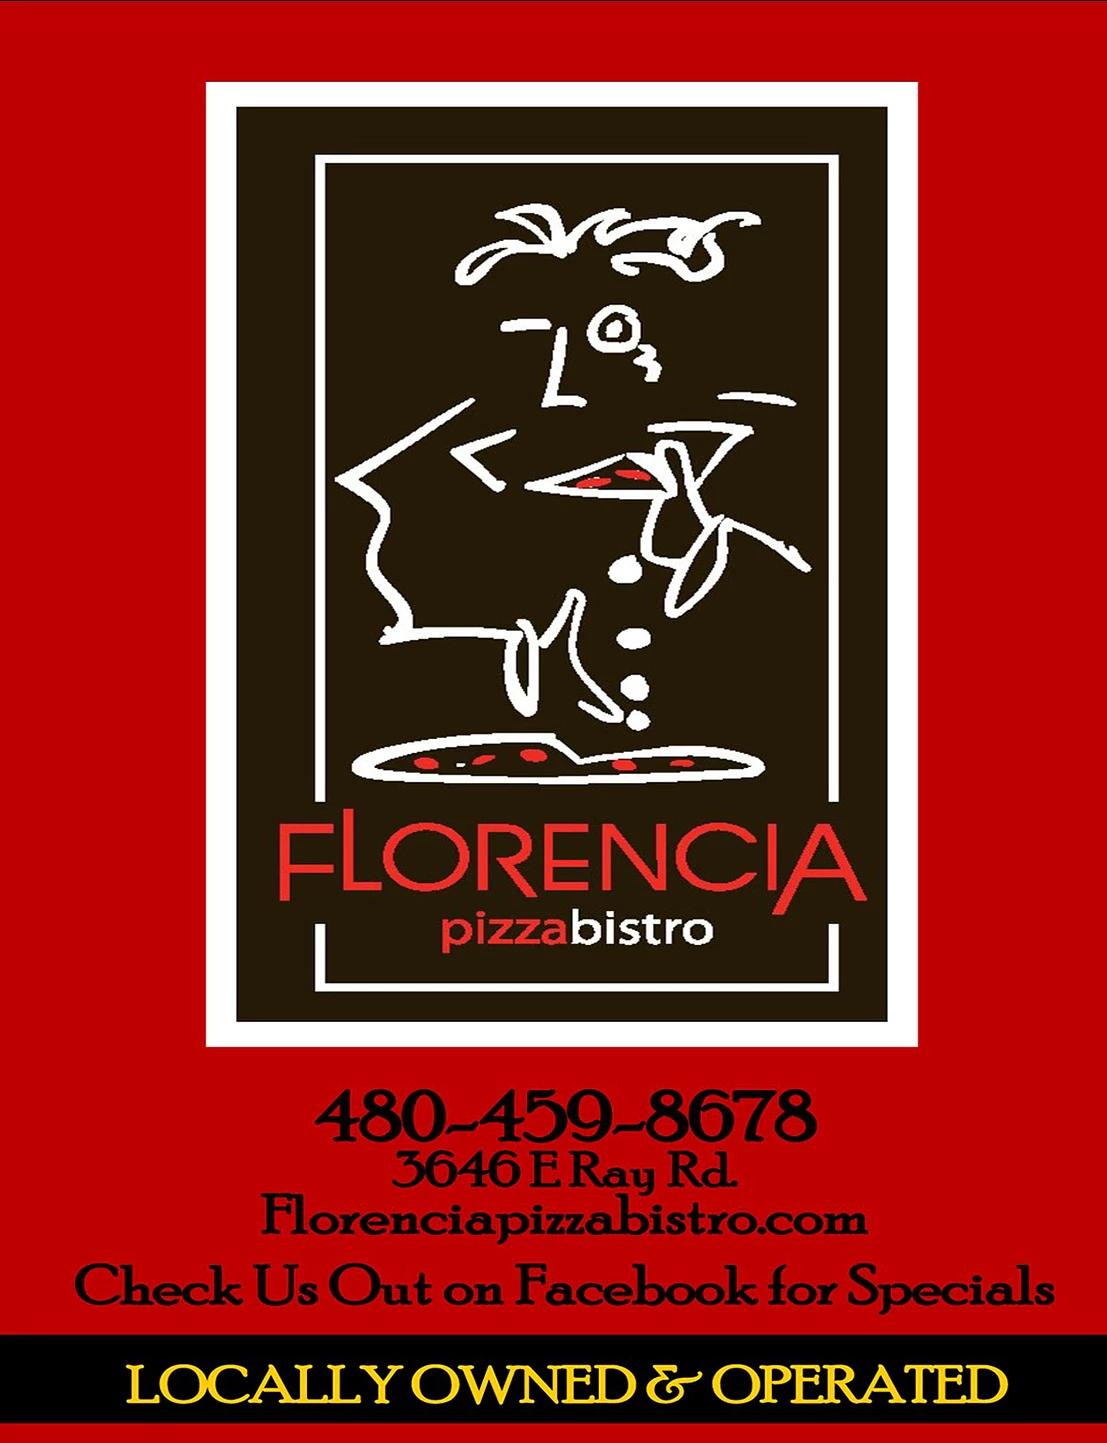 Florencia Pizza Bistro